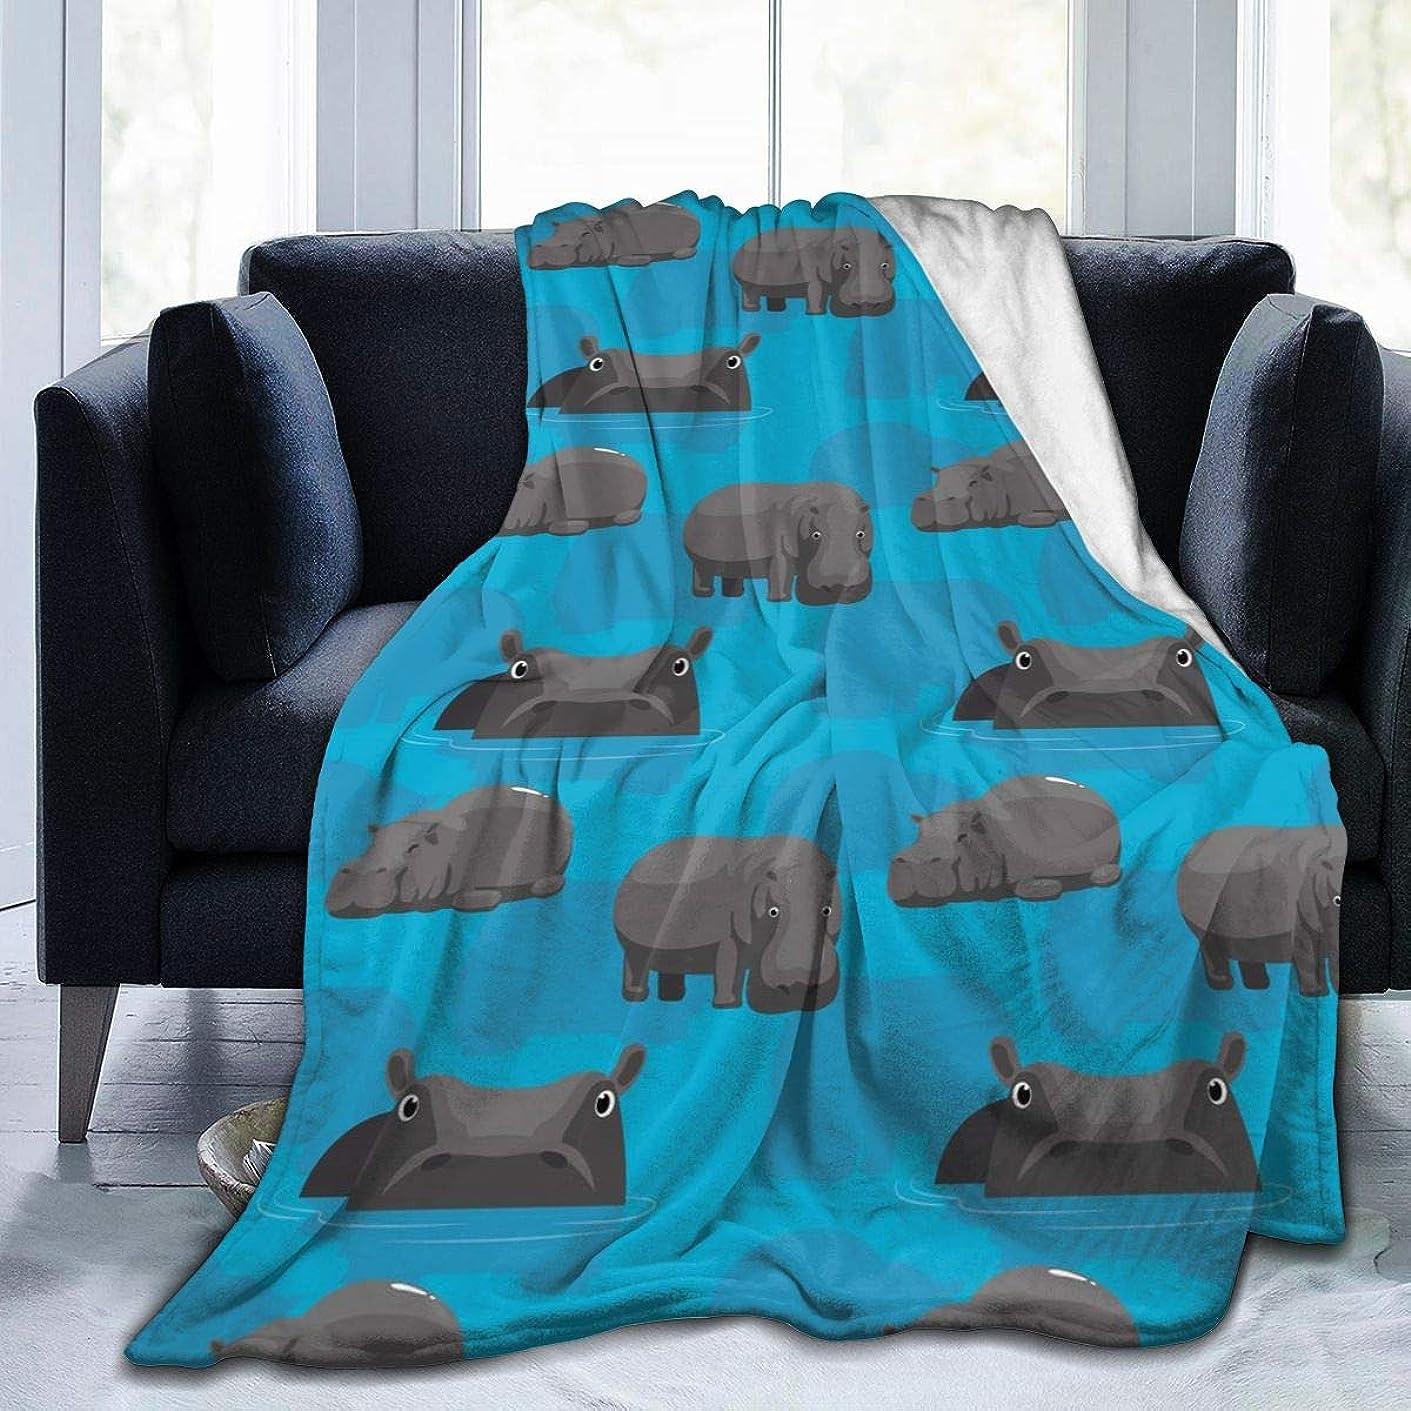 快適ナイトスポットボランティアかわいい カバー 河馬柄 毛布 掛け毛布 ブランケット シングル 暖かい柔らかい ふわふわ フランネル 毛布 三つのサイズ